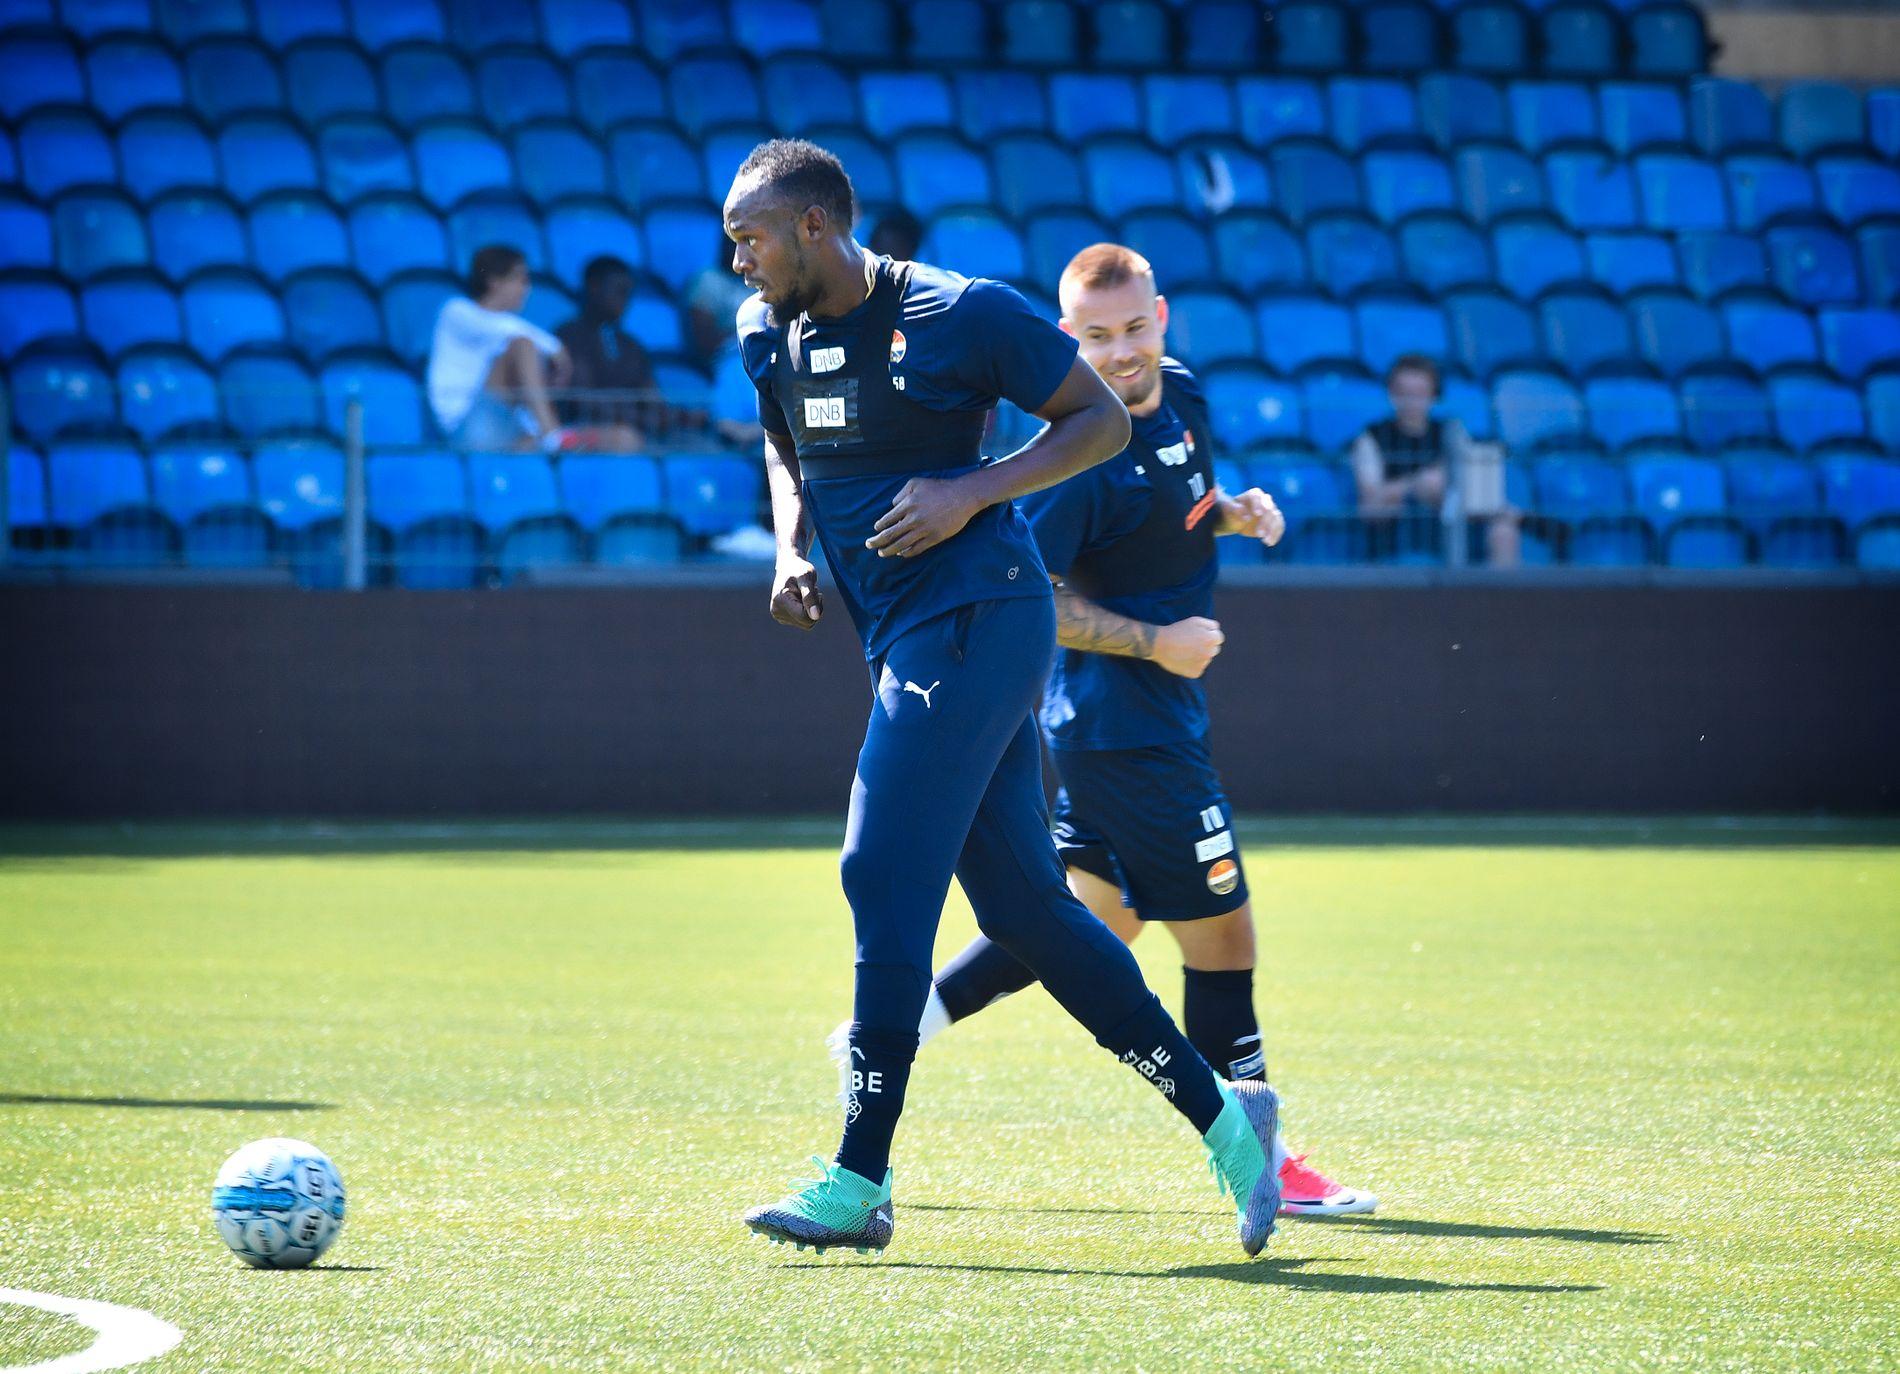 TRENER SEG OPP: Usain Bolt, her med ballen under Strømsgodsets trening på Marienlyst onsdag. I bakgrunnen følger Marcus Pedersen nøye med.